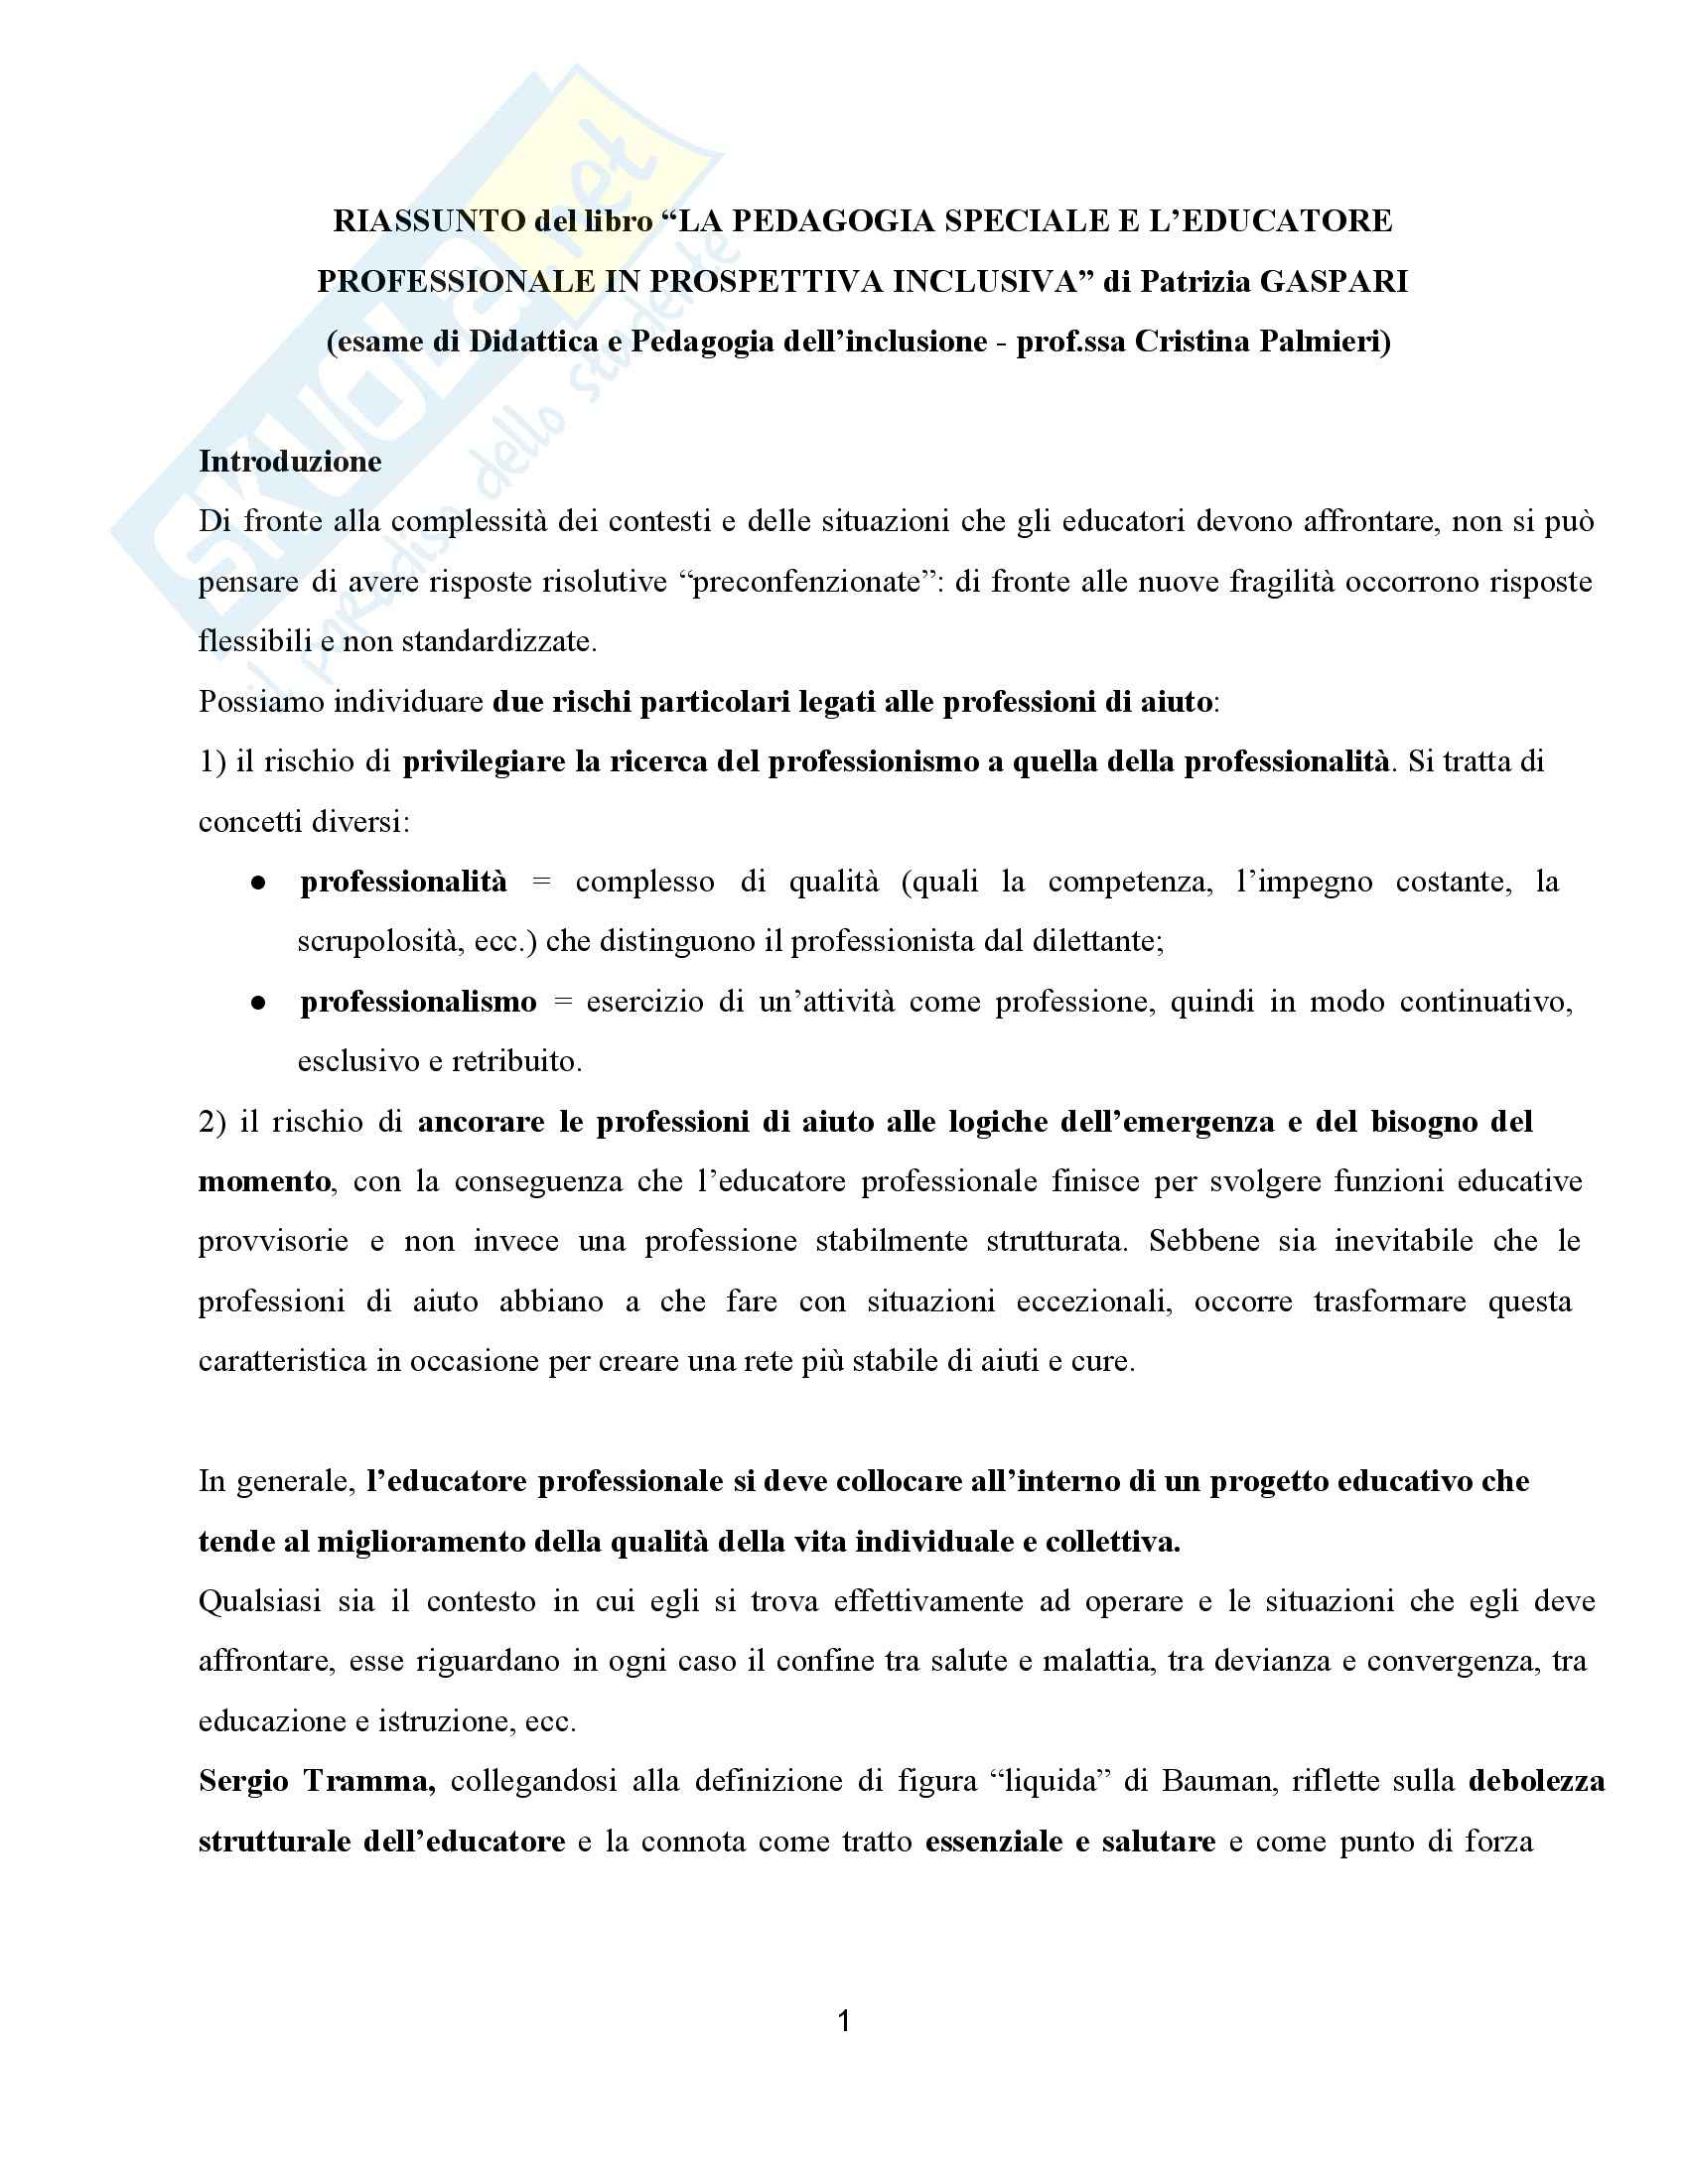 Riassunto esame Didattica dell'inclusione, prof. Palmieri, libro consigliato Pedagogia speciale e l'educatore professionale, Gaspari Pag. 1